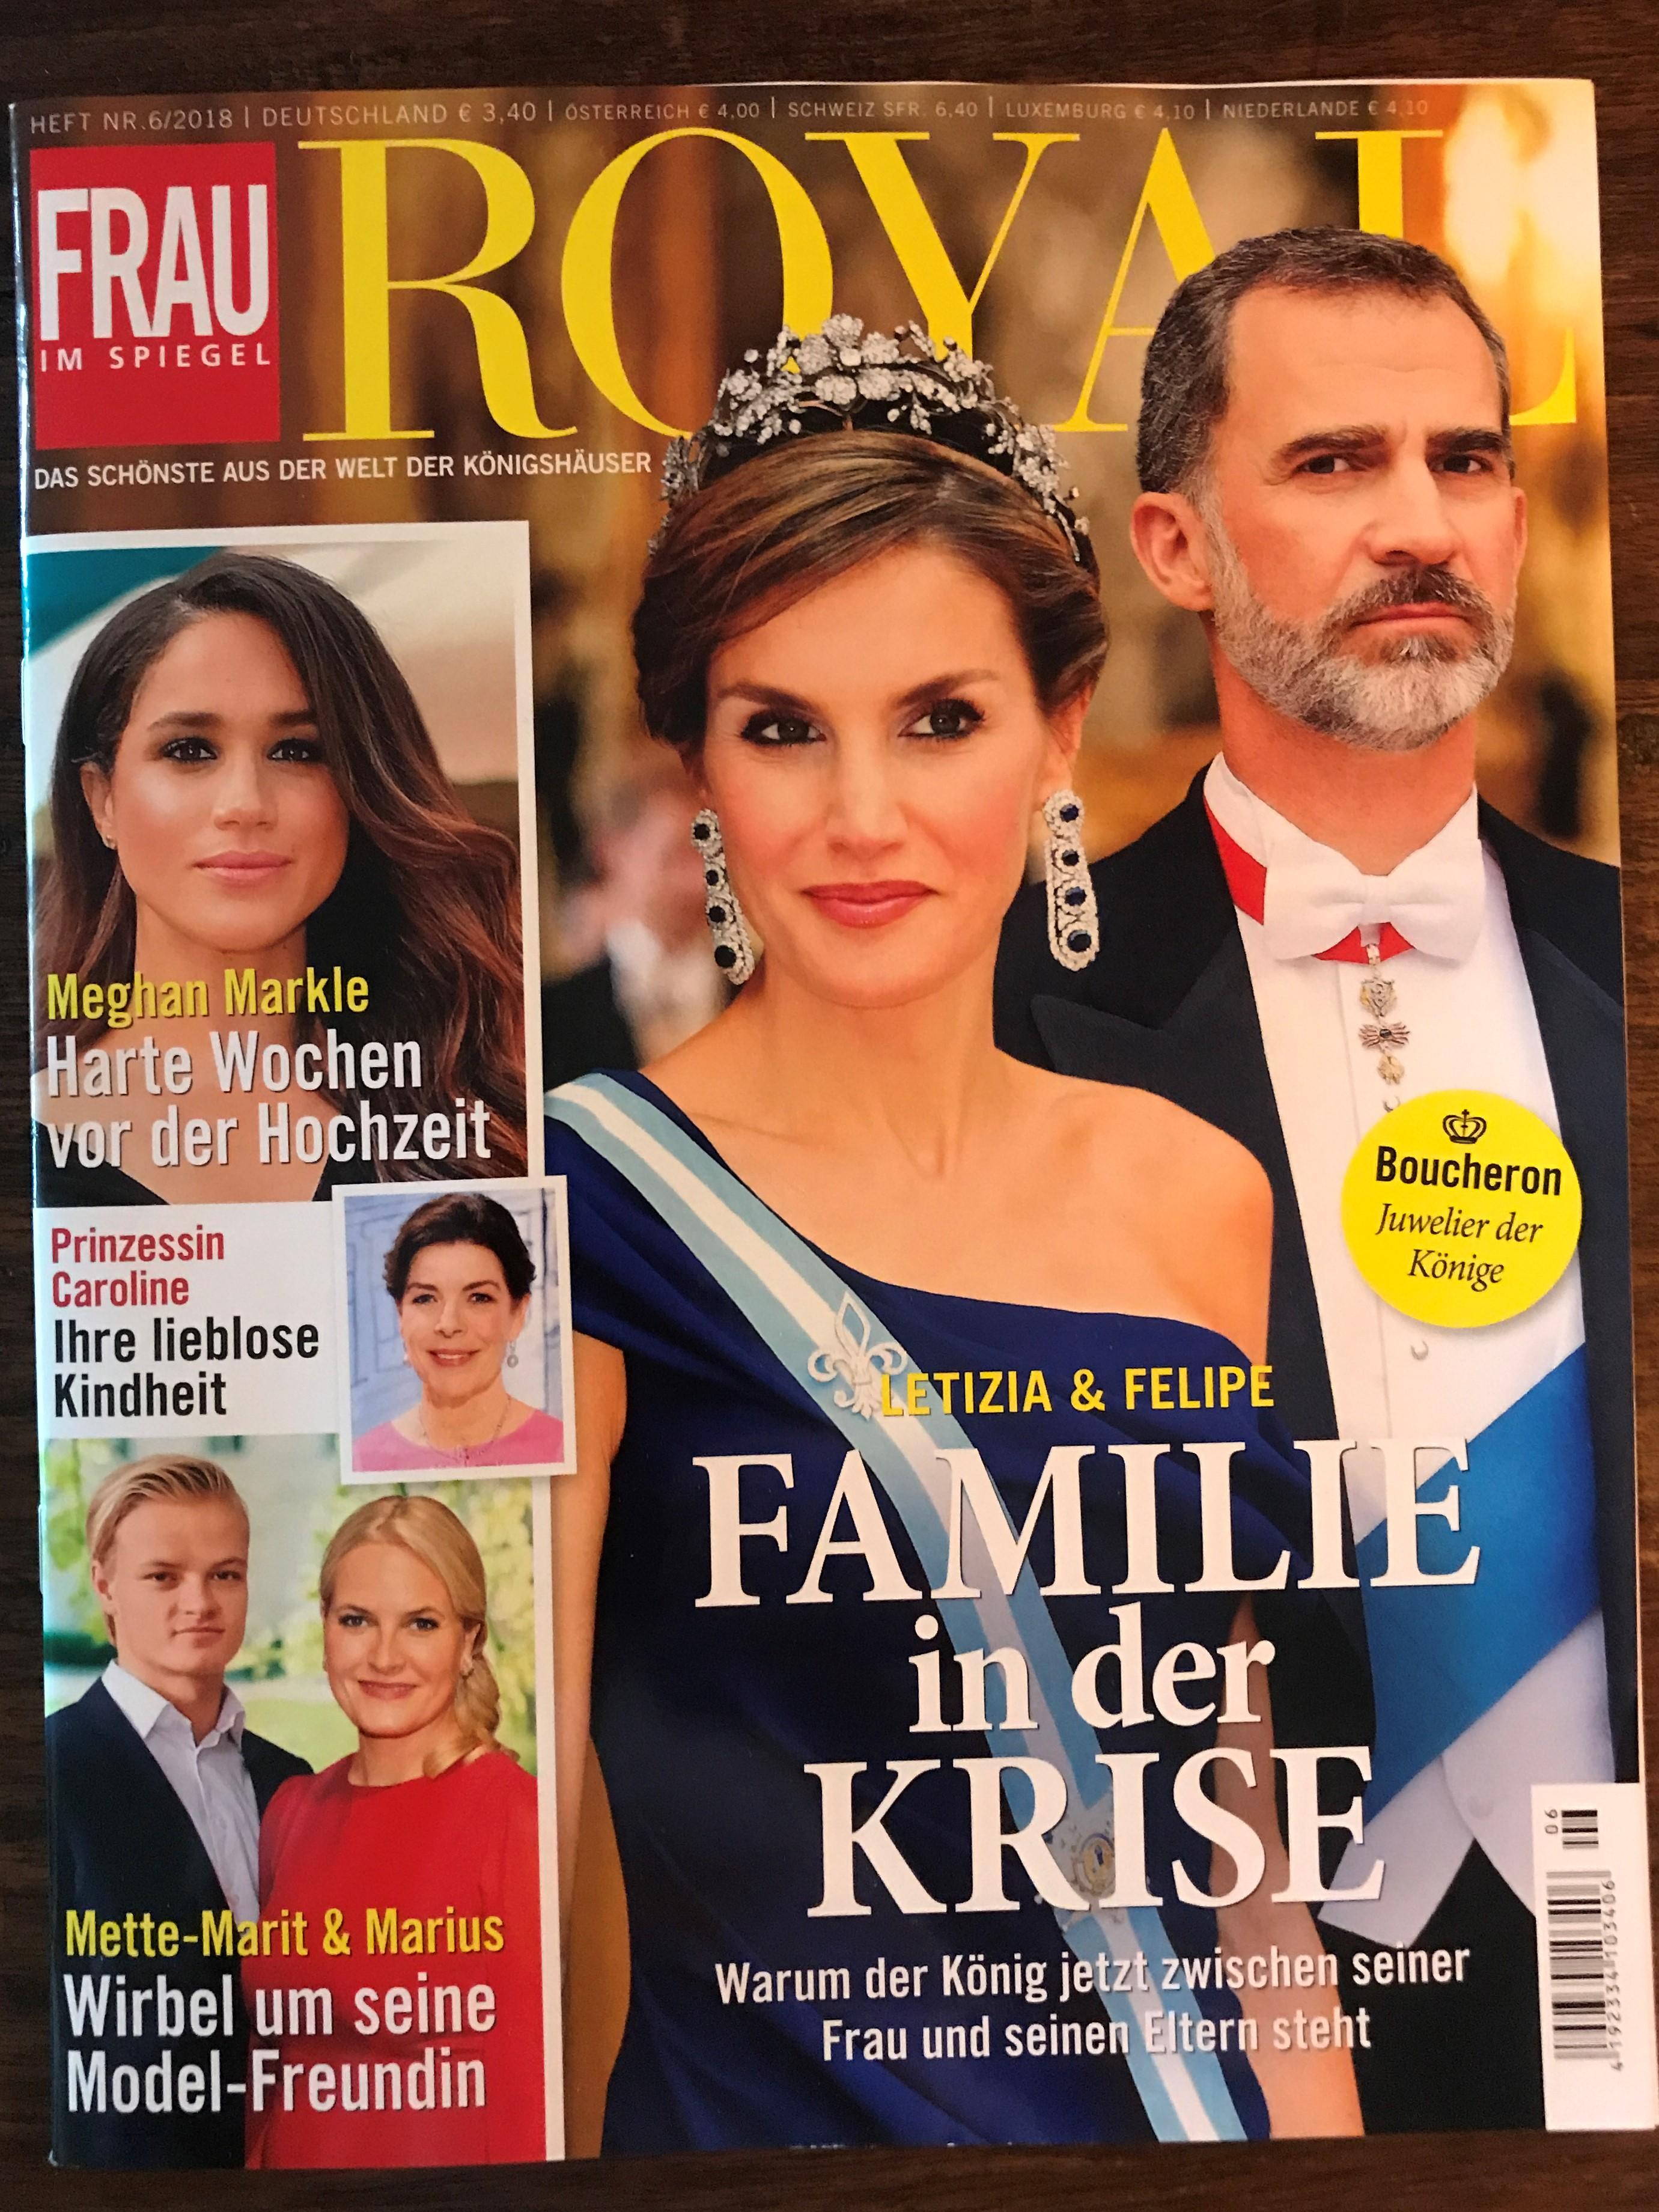 Frau Im Spiegel ROYAL_1 ...